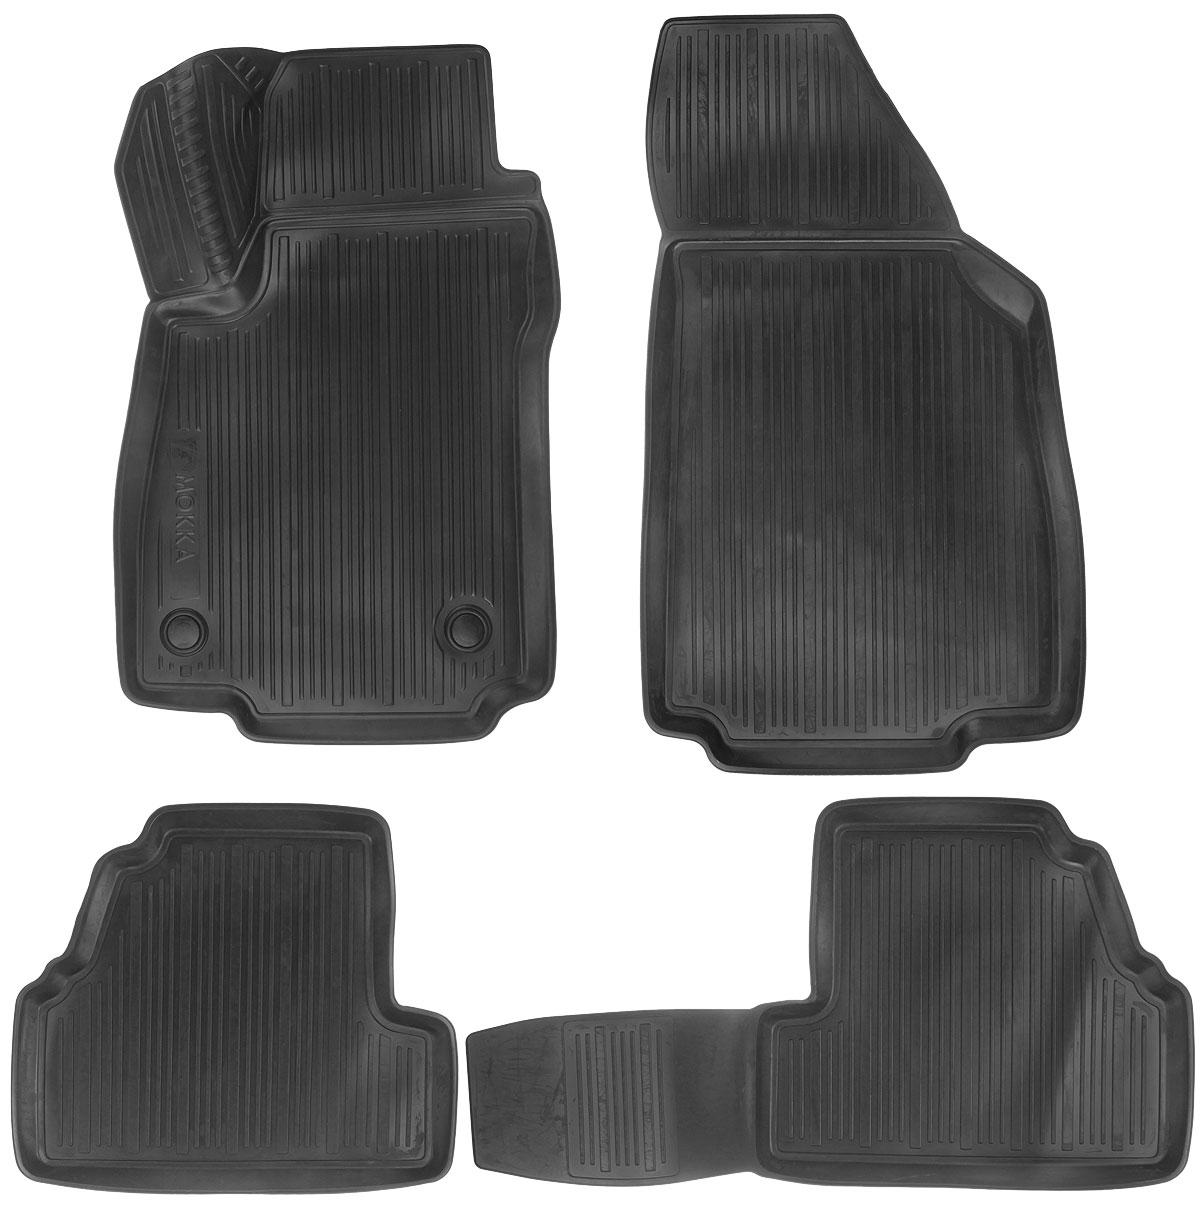 Набор автомобильных ковриков L.Locker Opel Mokka 2012, в салон, 4 шт0211080101Набор L.Locker Opel Mokka 2012, изготовленный из полиуретана, состоит из 4 антискользящих 3D ковриков, которые производятся индивидуально для каждой модели автомобиля. Изделие точно повторяет геометрию пола автомобиля, имеет высокий борт, обладает повышенной износоустойчивостью, лишено резкого запаха и сохраняет свои потребительские свойства в широком диапазоне температур от -50°С до +50°С. Комплектация: 4 шт. Размер ковриков: 80 см х 51 см; 50 см х 87,5 см; 84 см х 44 см; 51 см х 44 см.